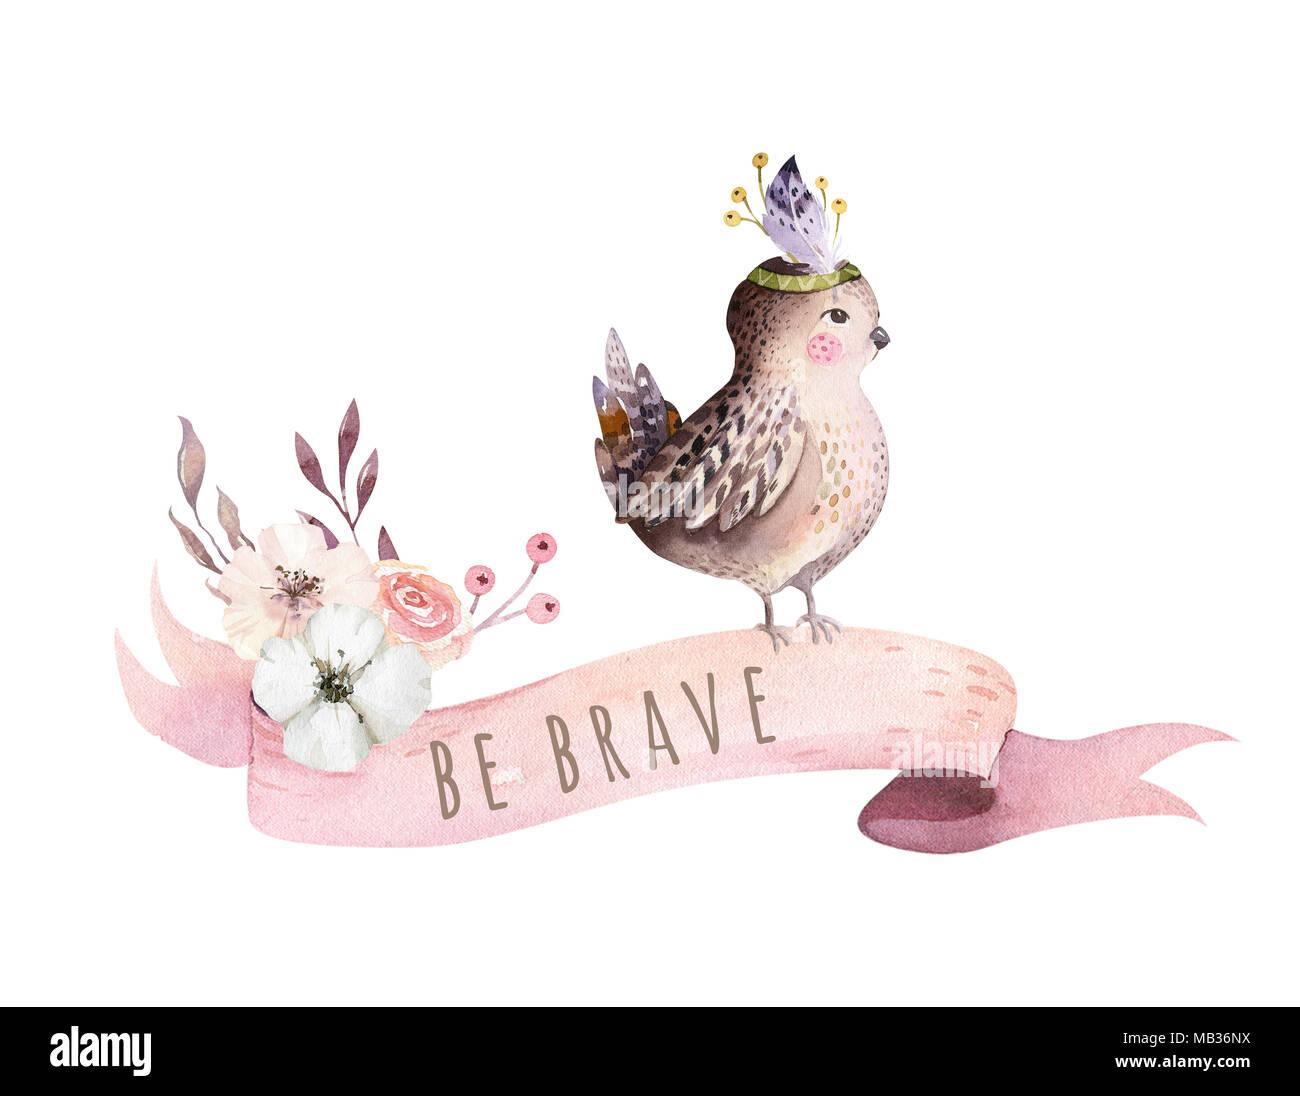 poster fur kinderzimmer, cute aquarell böhmischen baby vogel spatz tier poster für nursary, Design ideen